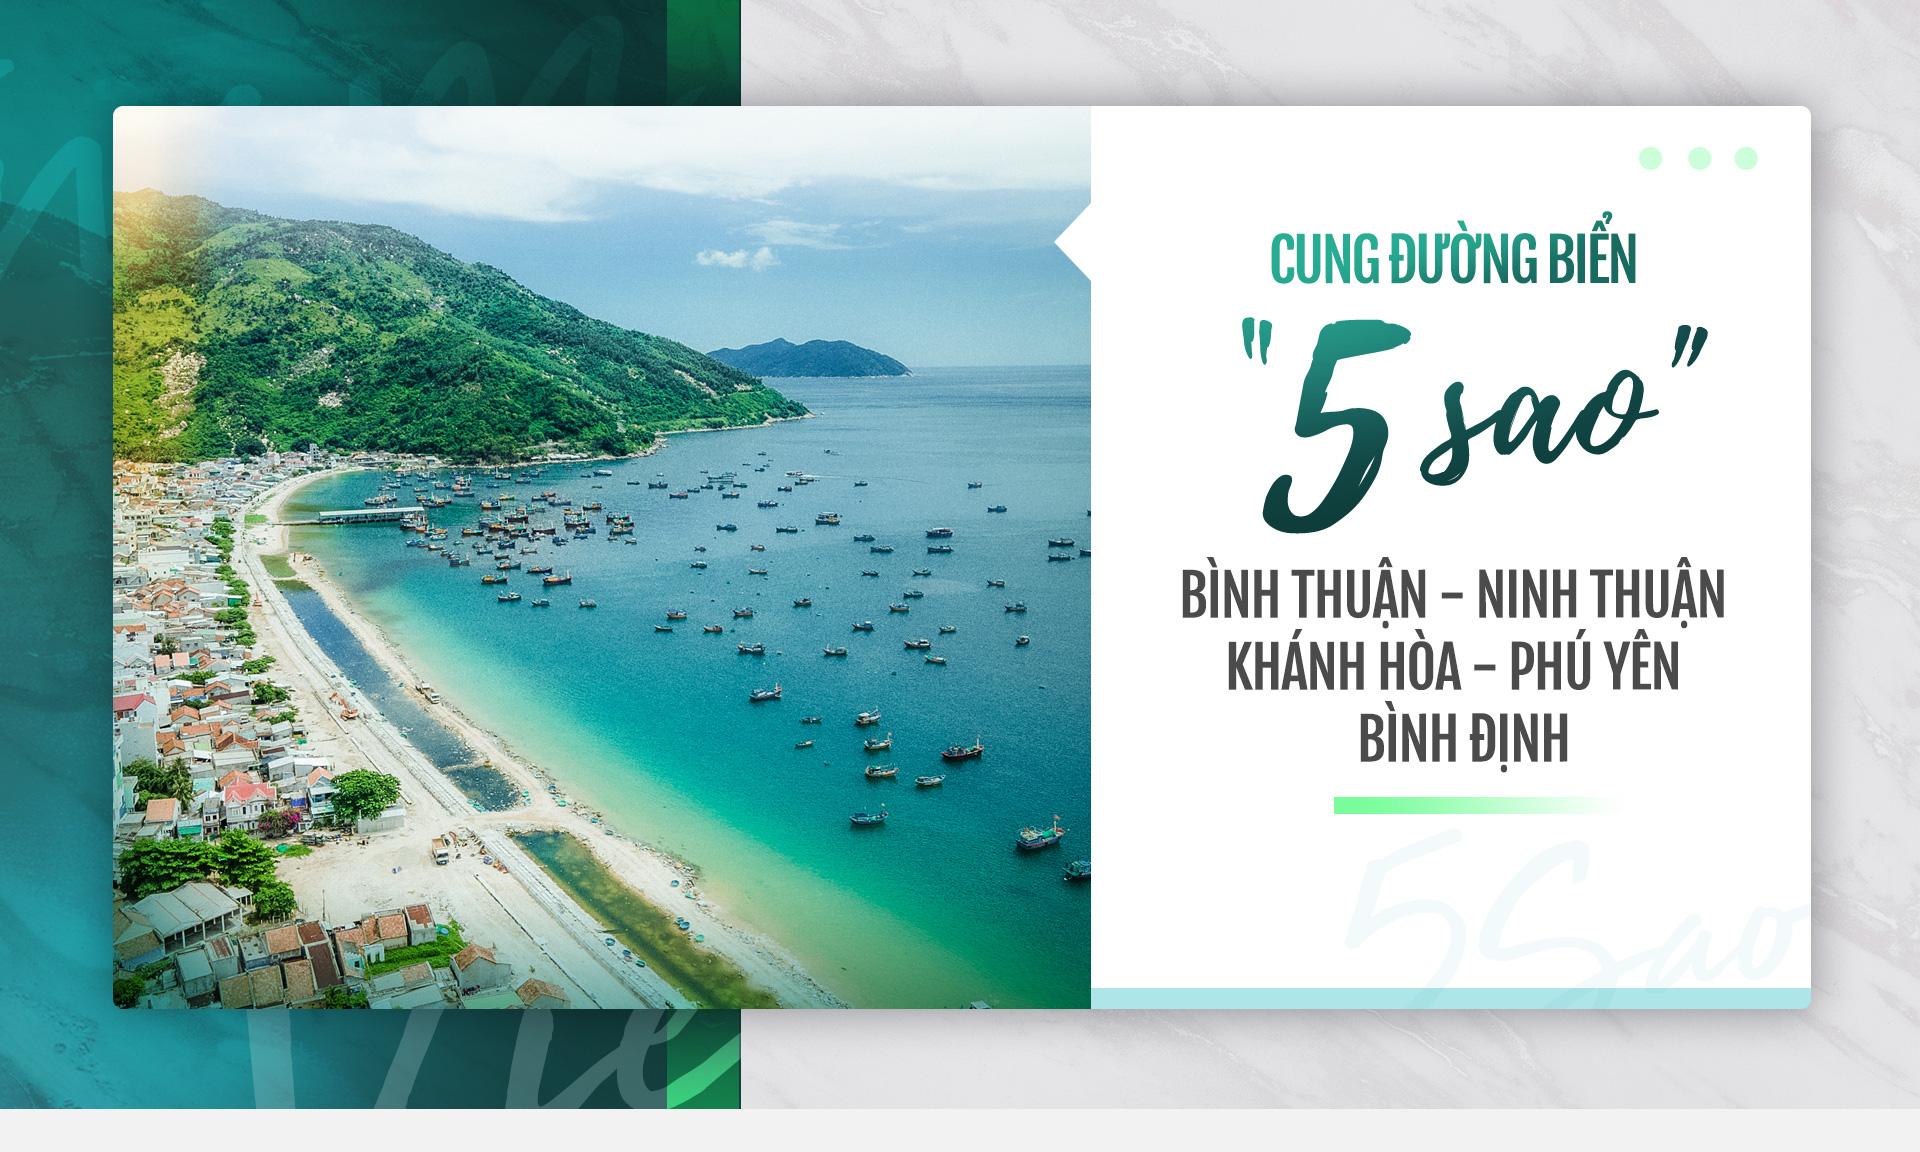 """Cung đường biển """"5 sao"""": Bình Thuận - Ninh Thuận - Khánh Hòa - Phú Yên - Bình Định"""